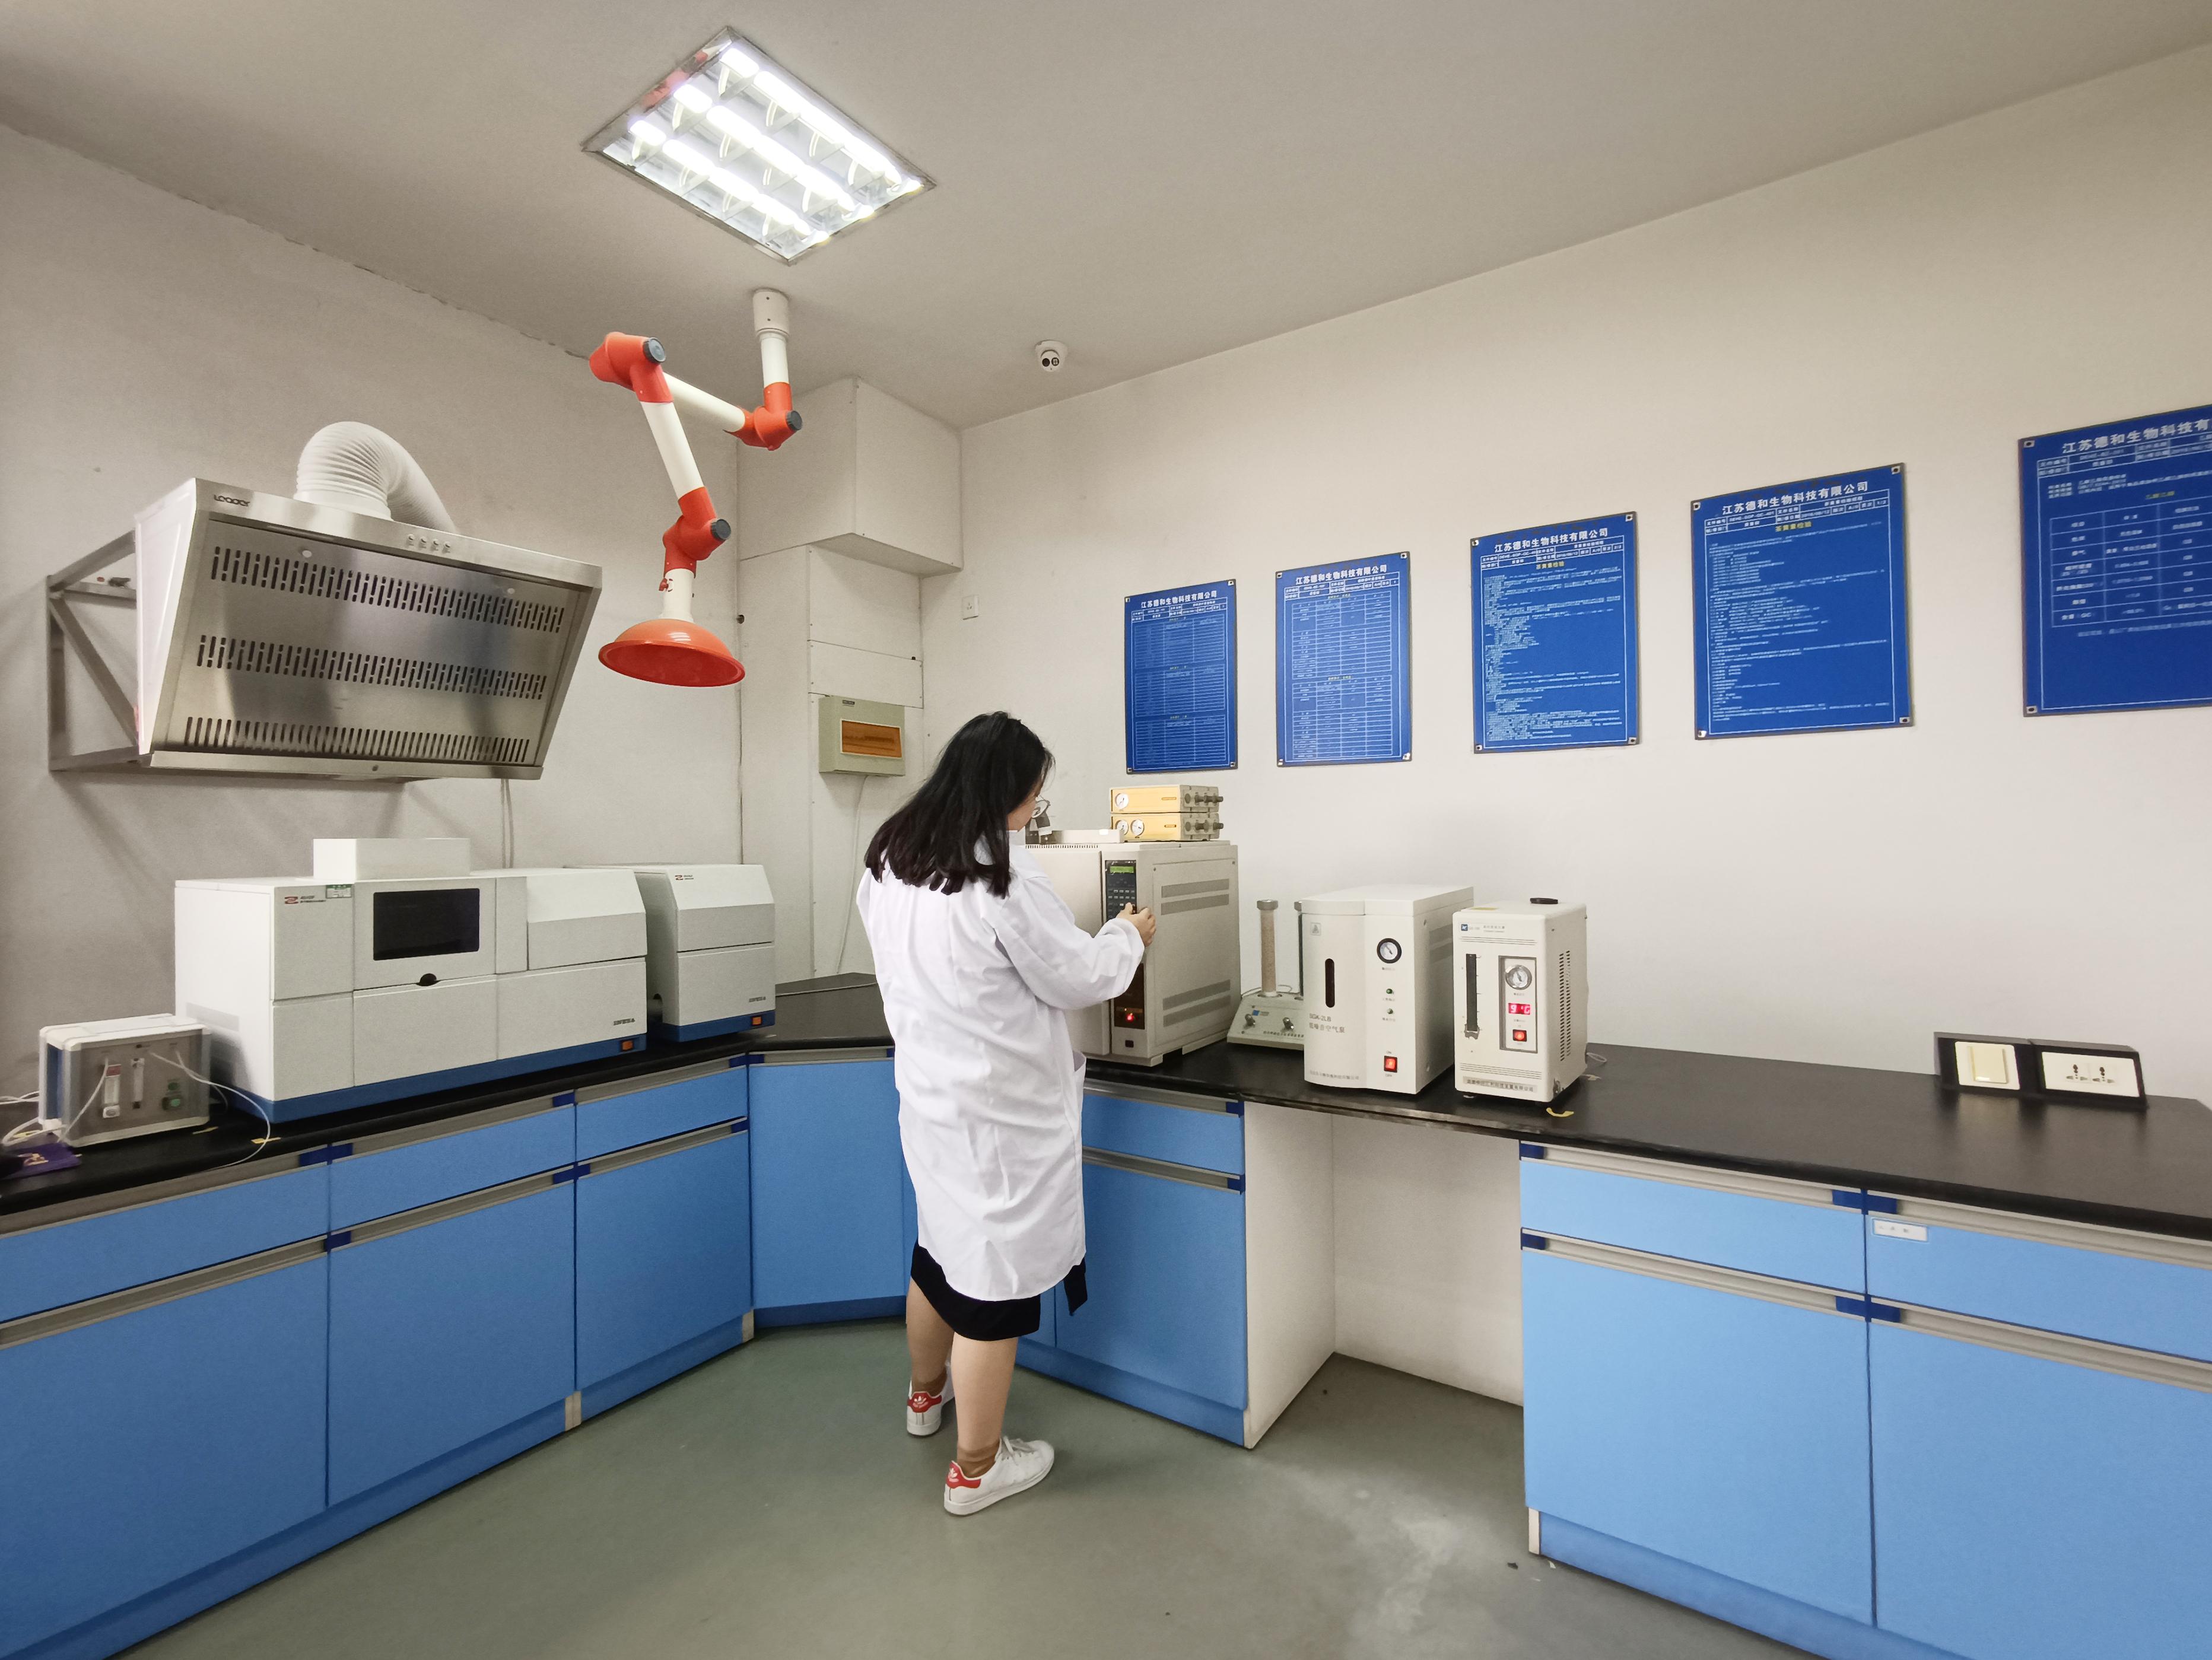 夏叶:积极履行食品安全主体责任